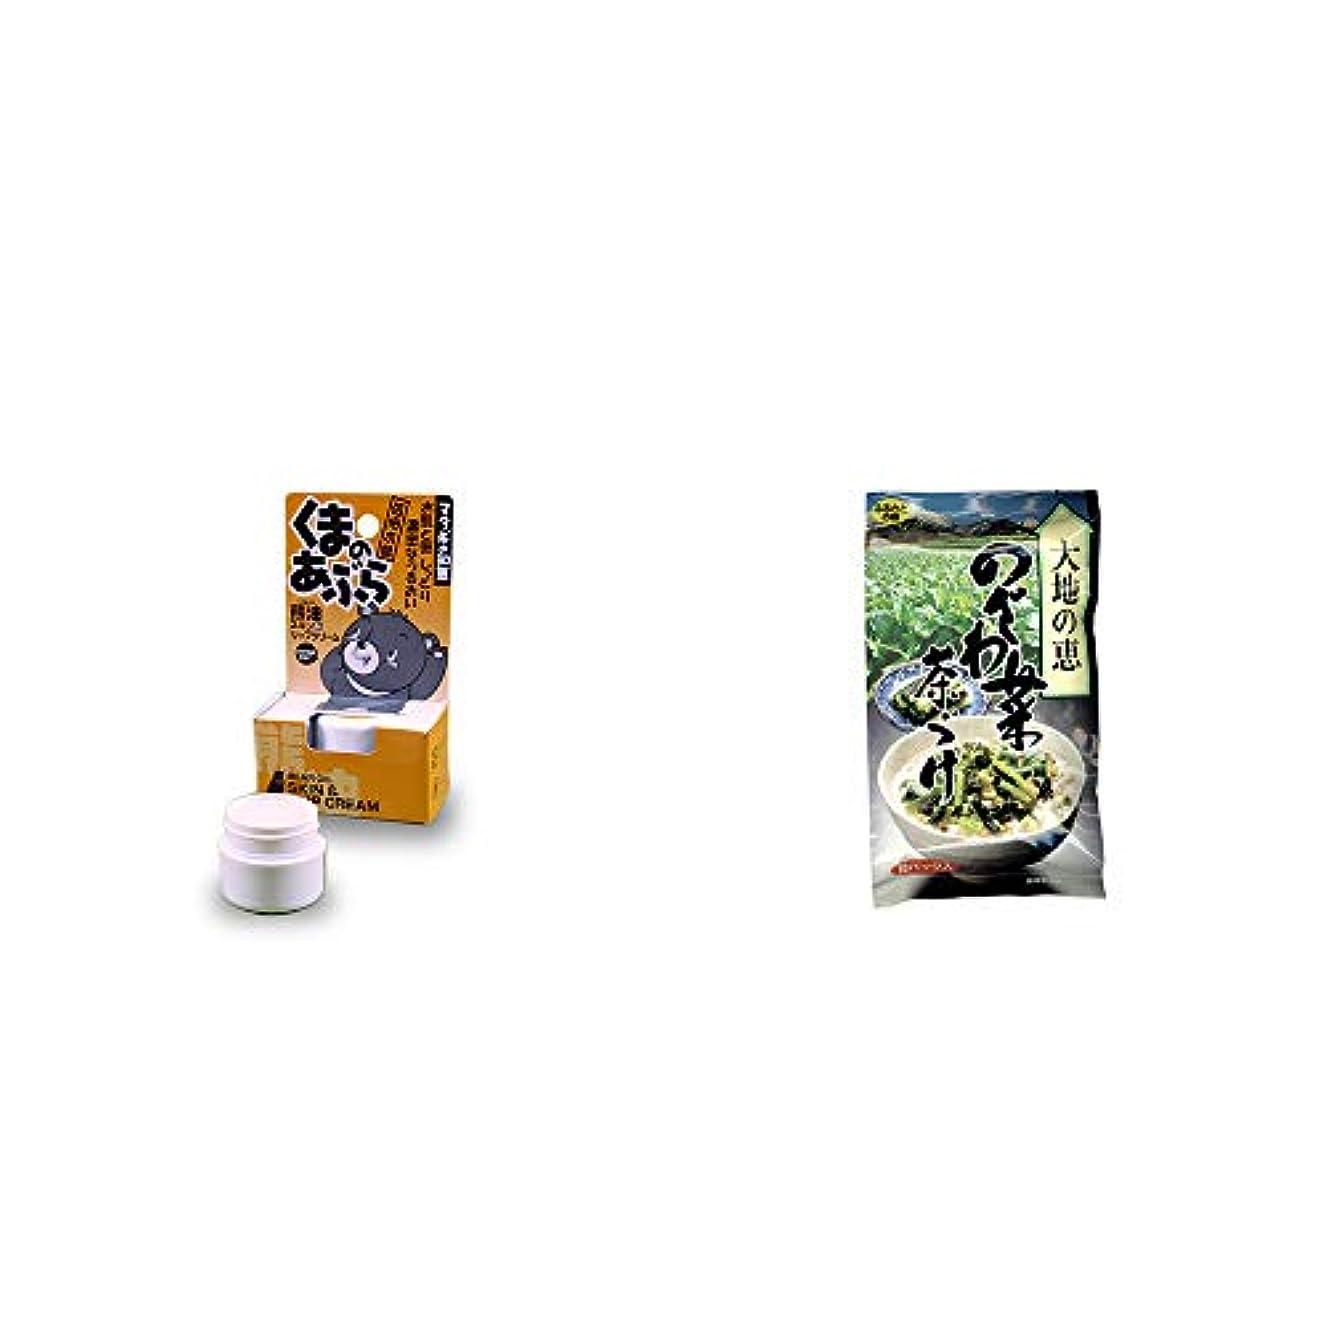 コンパニオン決めますうれしい[2点セット] 信州木曽 くまのあぶら 熊油スキン&リップクリーム(9g)?特選茶漬け 大地の恵 のざわ菜茶づけ(10袋入)